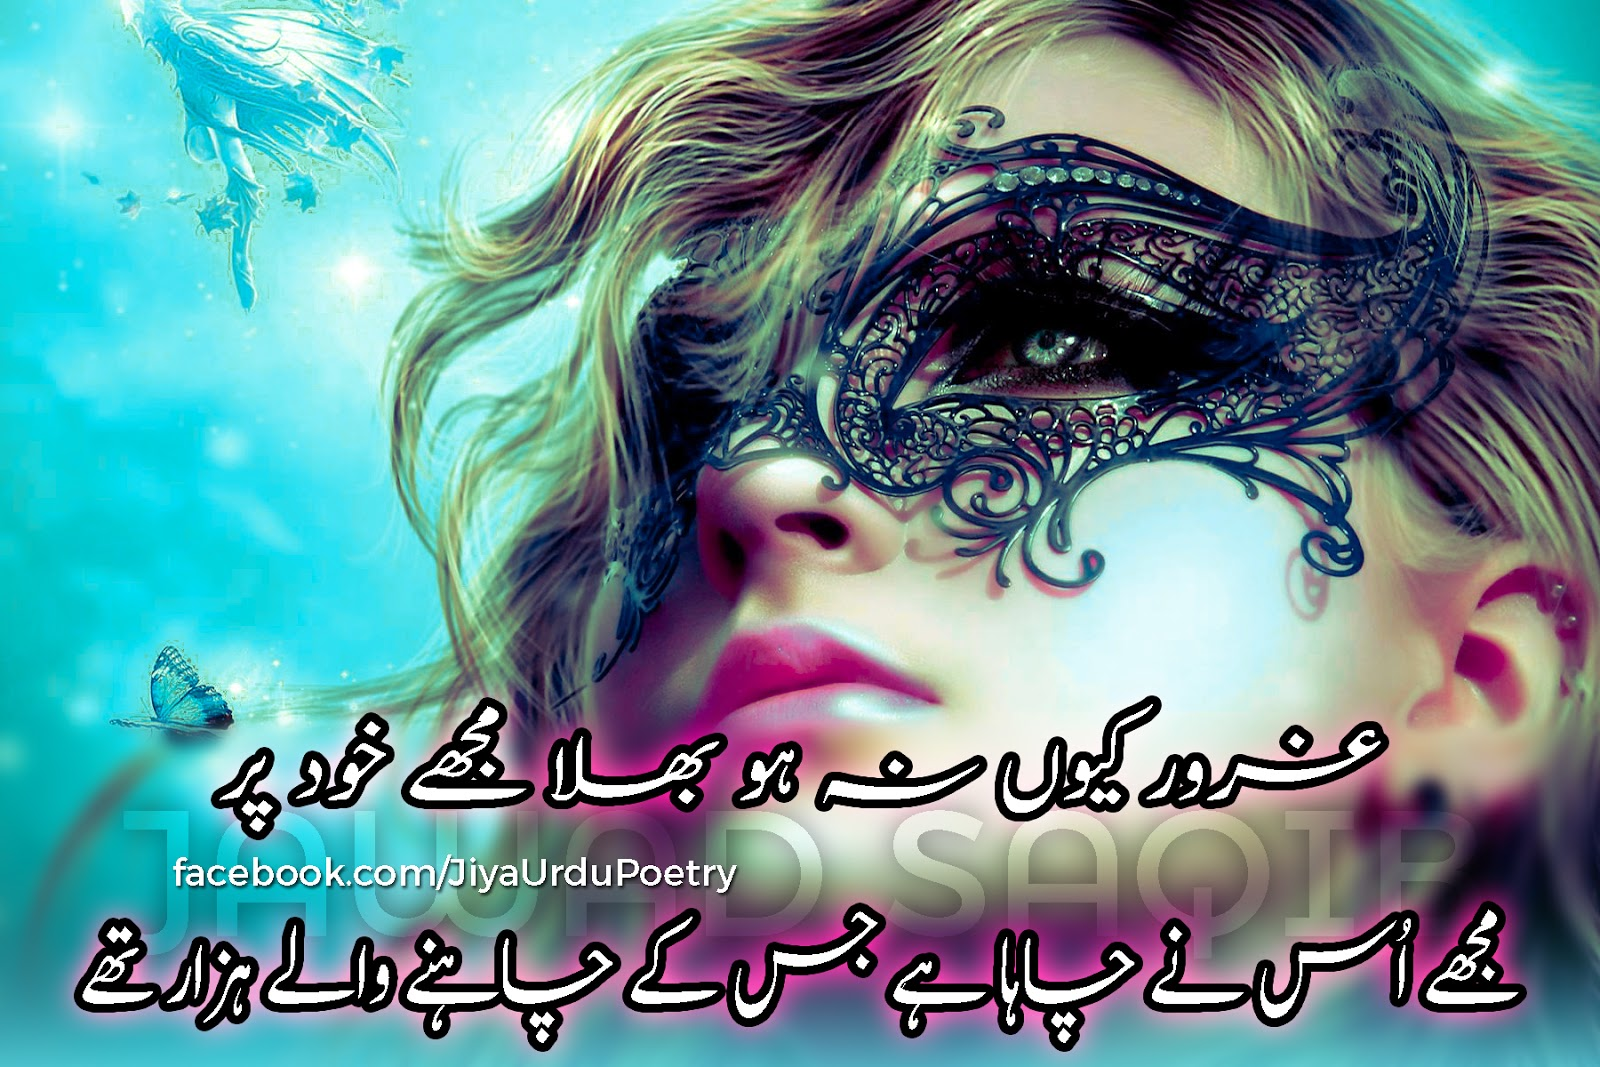 Jiya Urdu Poetry